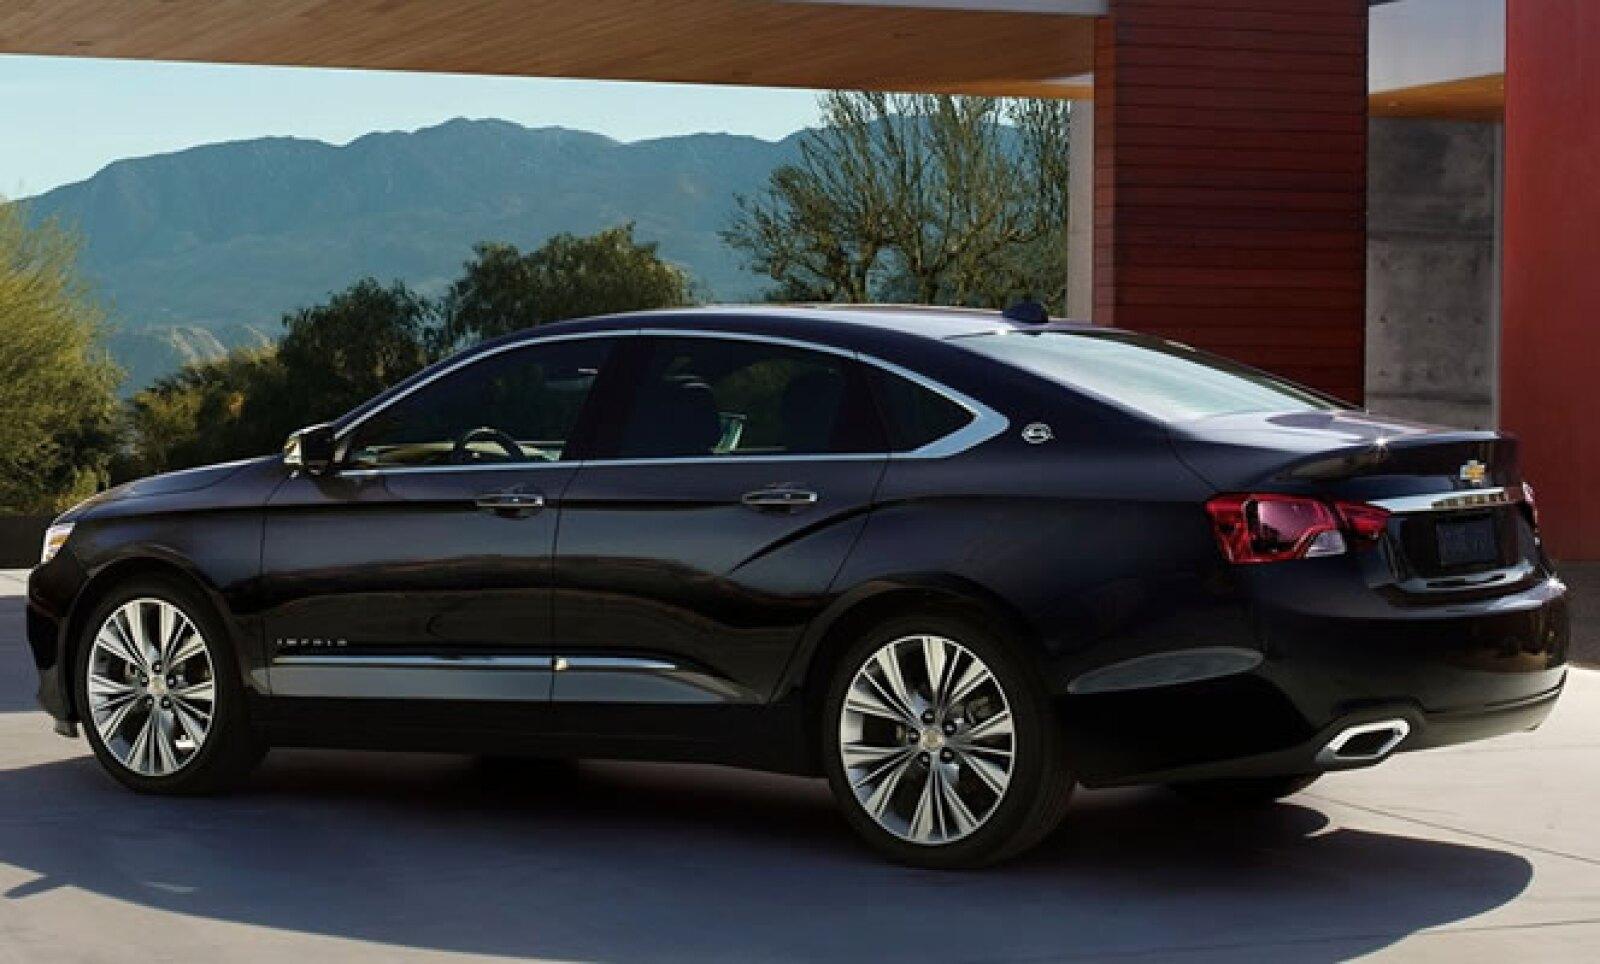 El Impala 2014 ofrece tres motorizaciones, todas de inyección directa y acopladas a una transmisión automática de seis cambios.